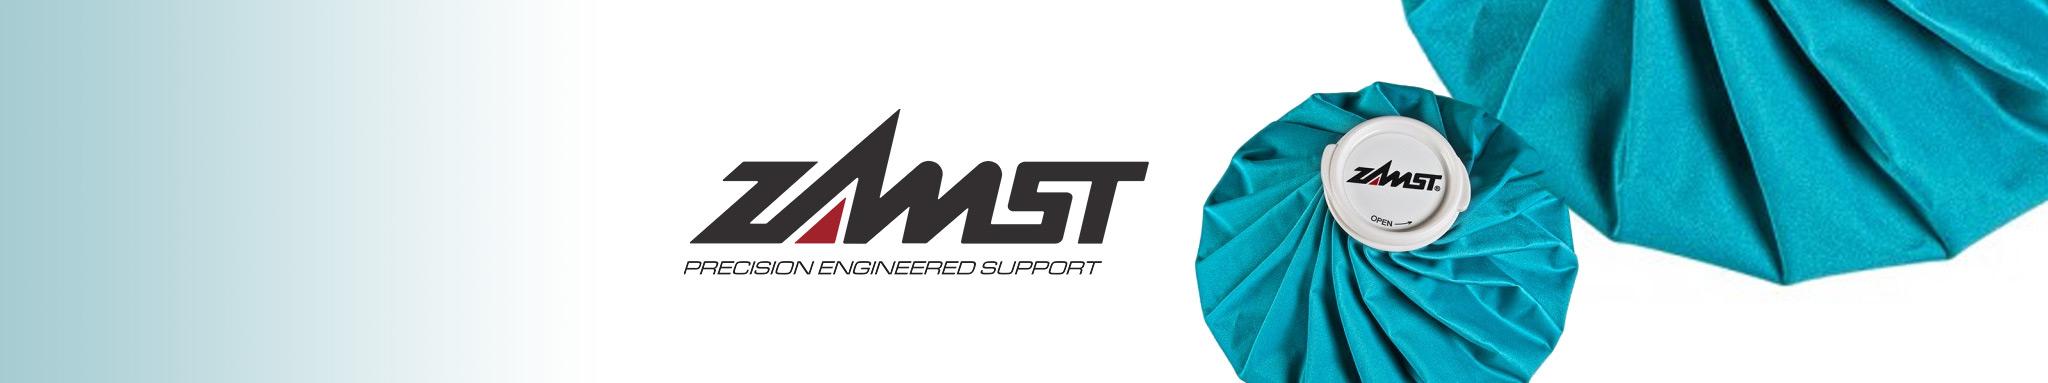 Zamst : équipements & accessoires de la marque Zamst | Dragon Bleu